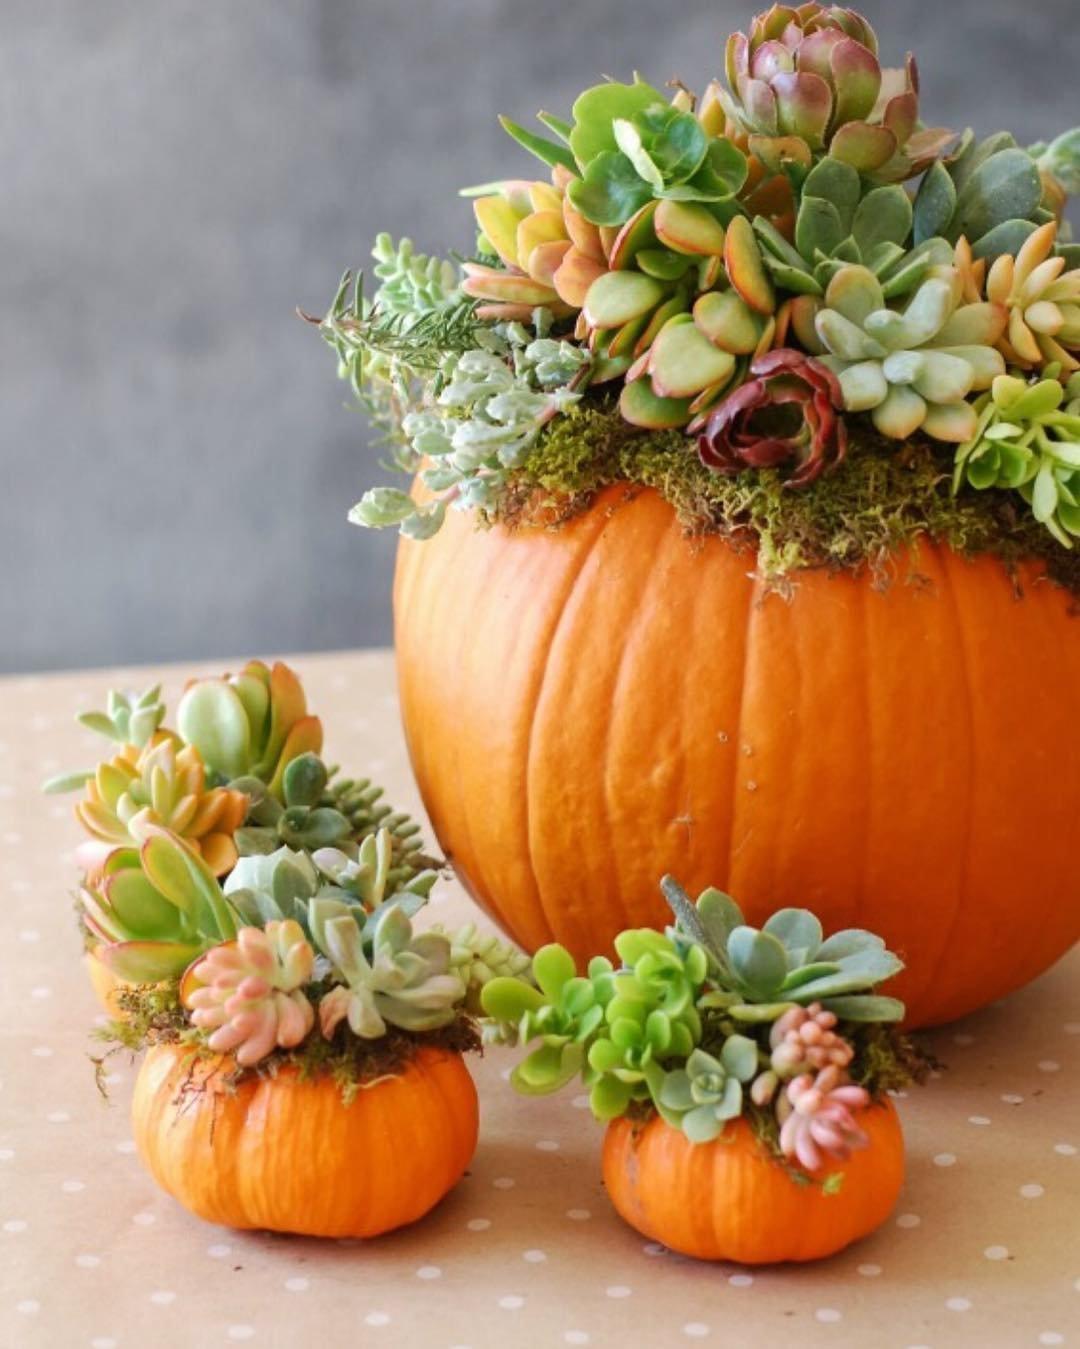 Vedle kouzelně zbarveného listí a sametových kaštanů patří k symbolům podzimu také dýně, která k nám zavítala spolu s čím dál tím oblíbenějším Halloweenem. Nejenže skvěle chutná, ale také krásně vypadá. Vytvořit si z ní tak můžeme celou řadu podzimních dekorací.